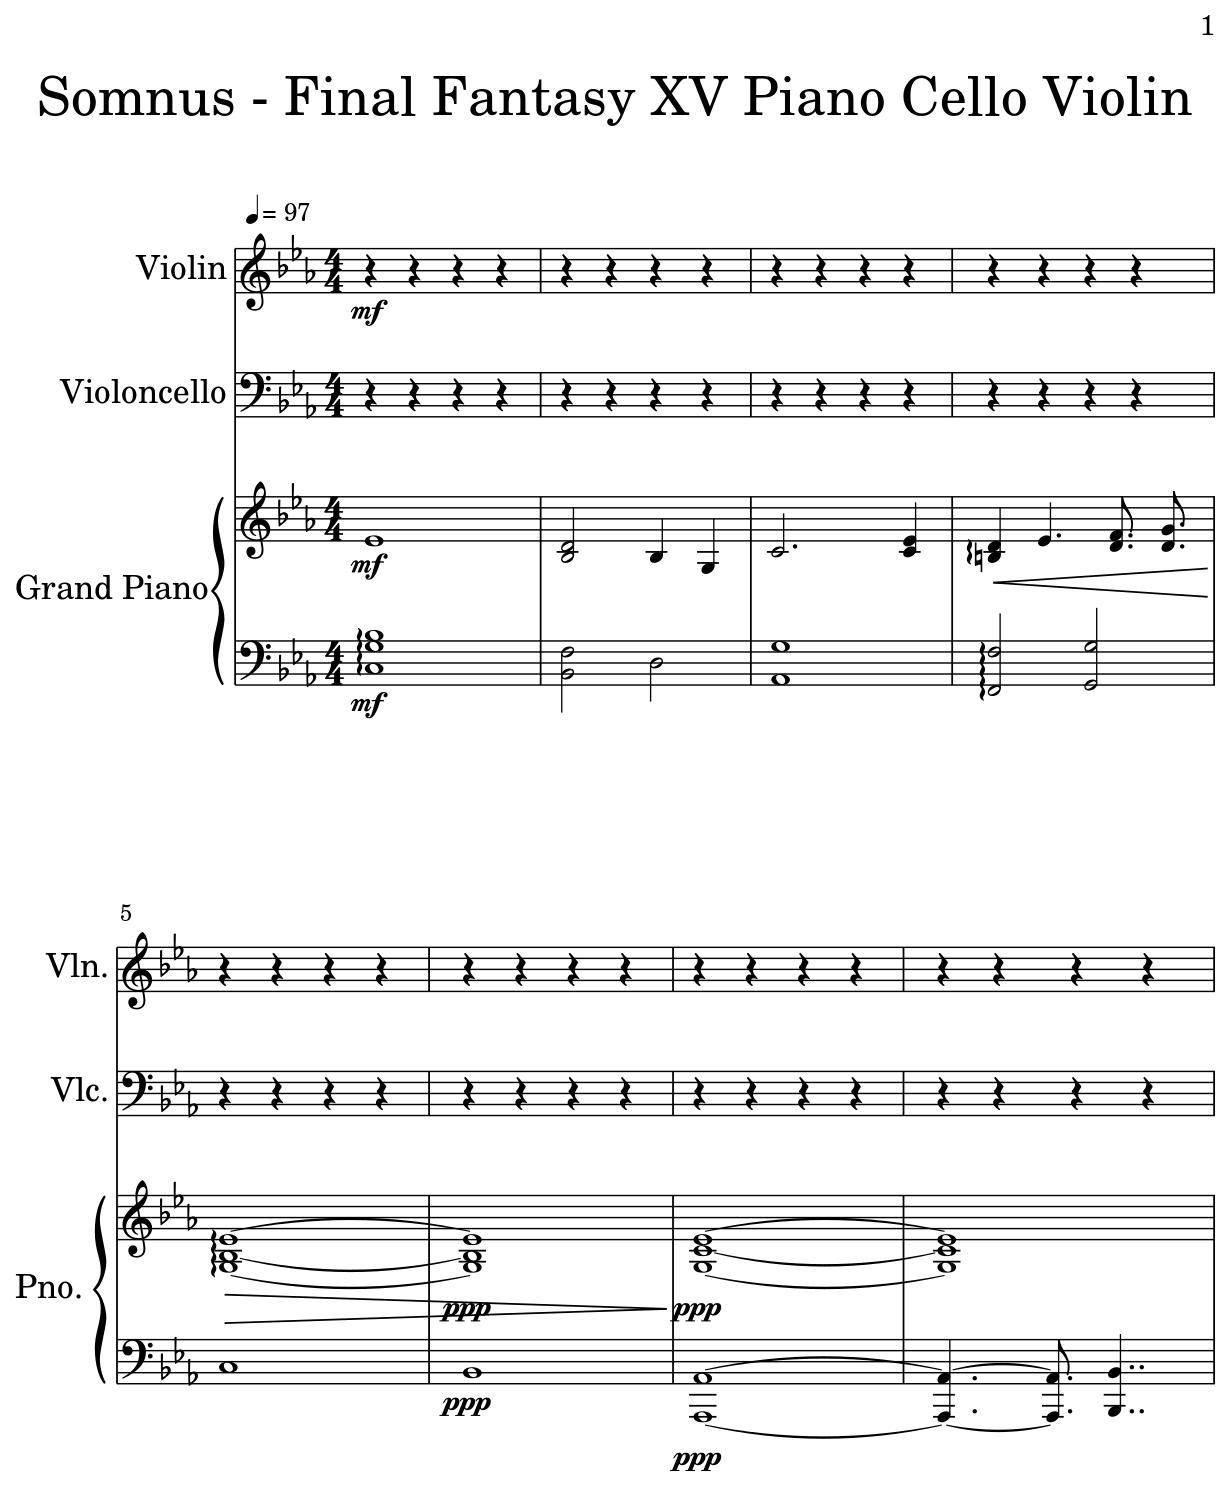 Somnus - Final Fantasy XV Piano Cello Violin - Flat